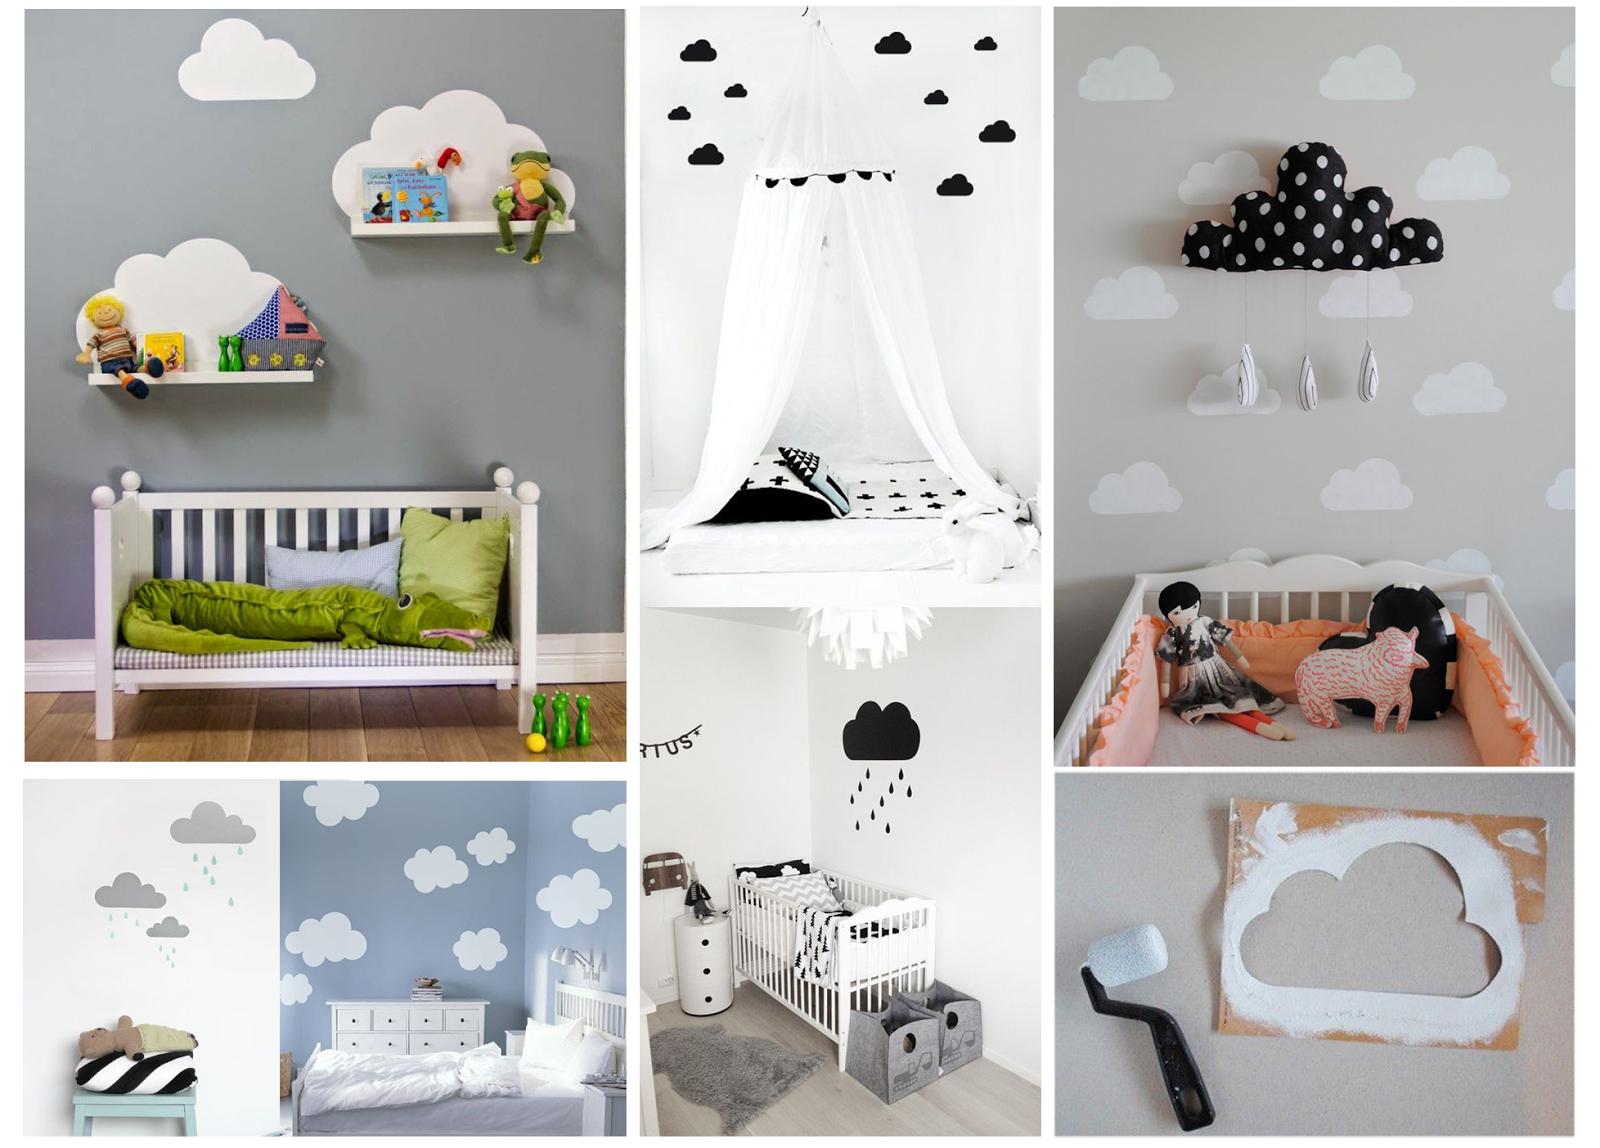 Idee camerette bambini fai da te oh22 pineglen - Idee camera neonato ...